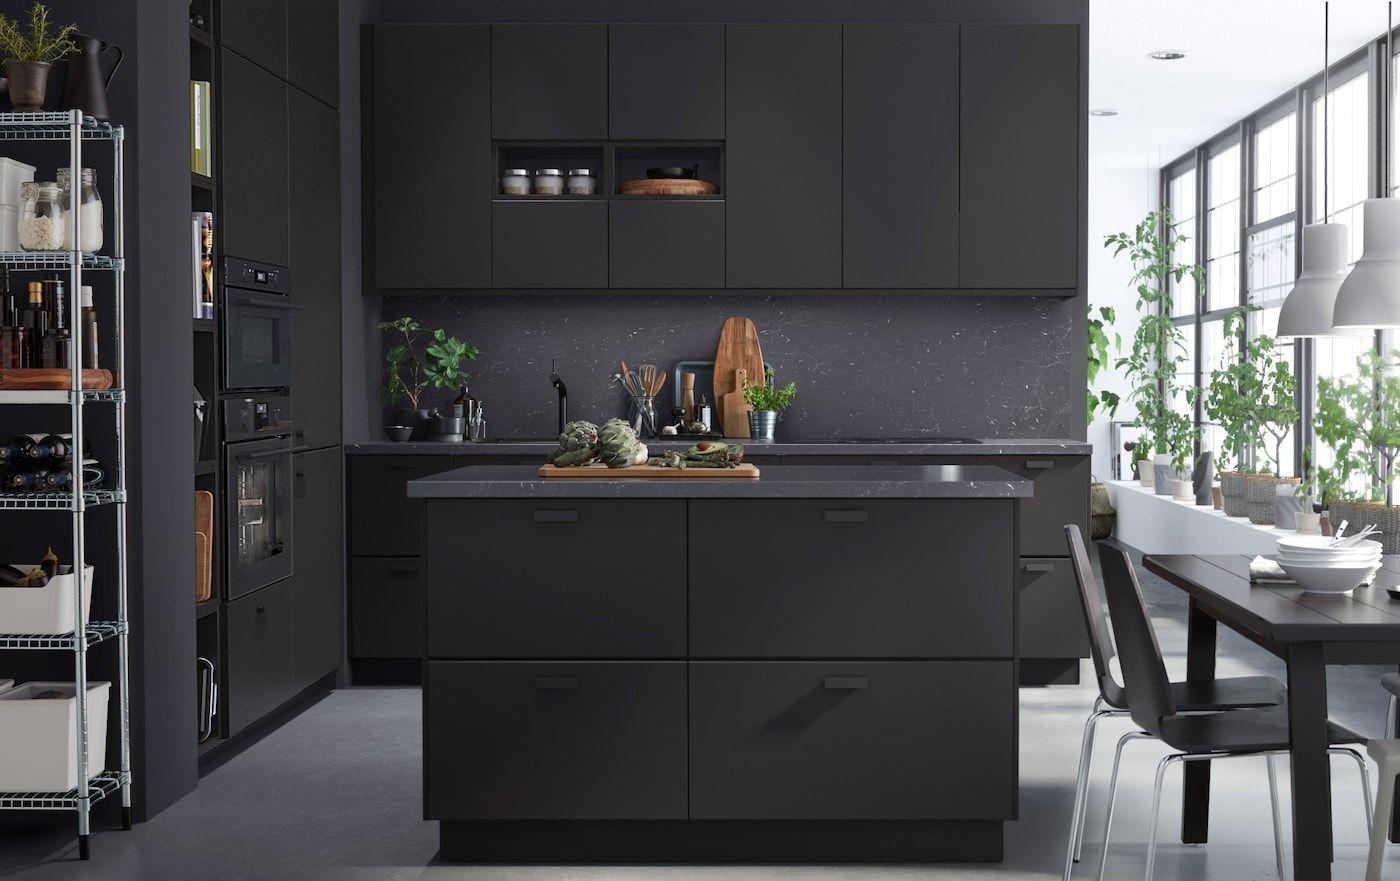 Elegante Kuche Nachhaltig Gestaltet In 2020 Kuchendesign Modern Luxuskuchen Luxus Kuche Design